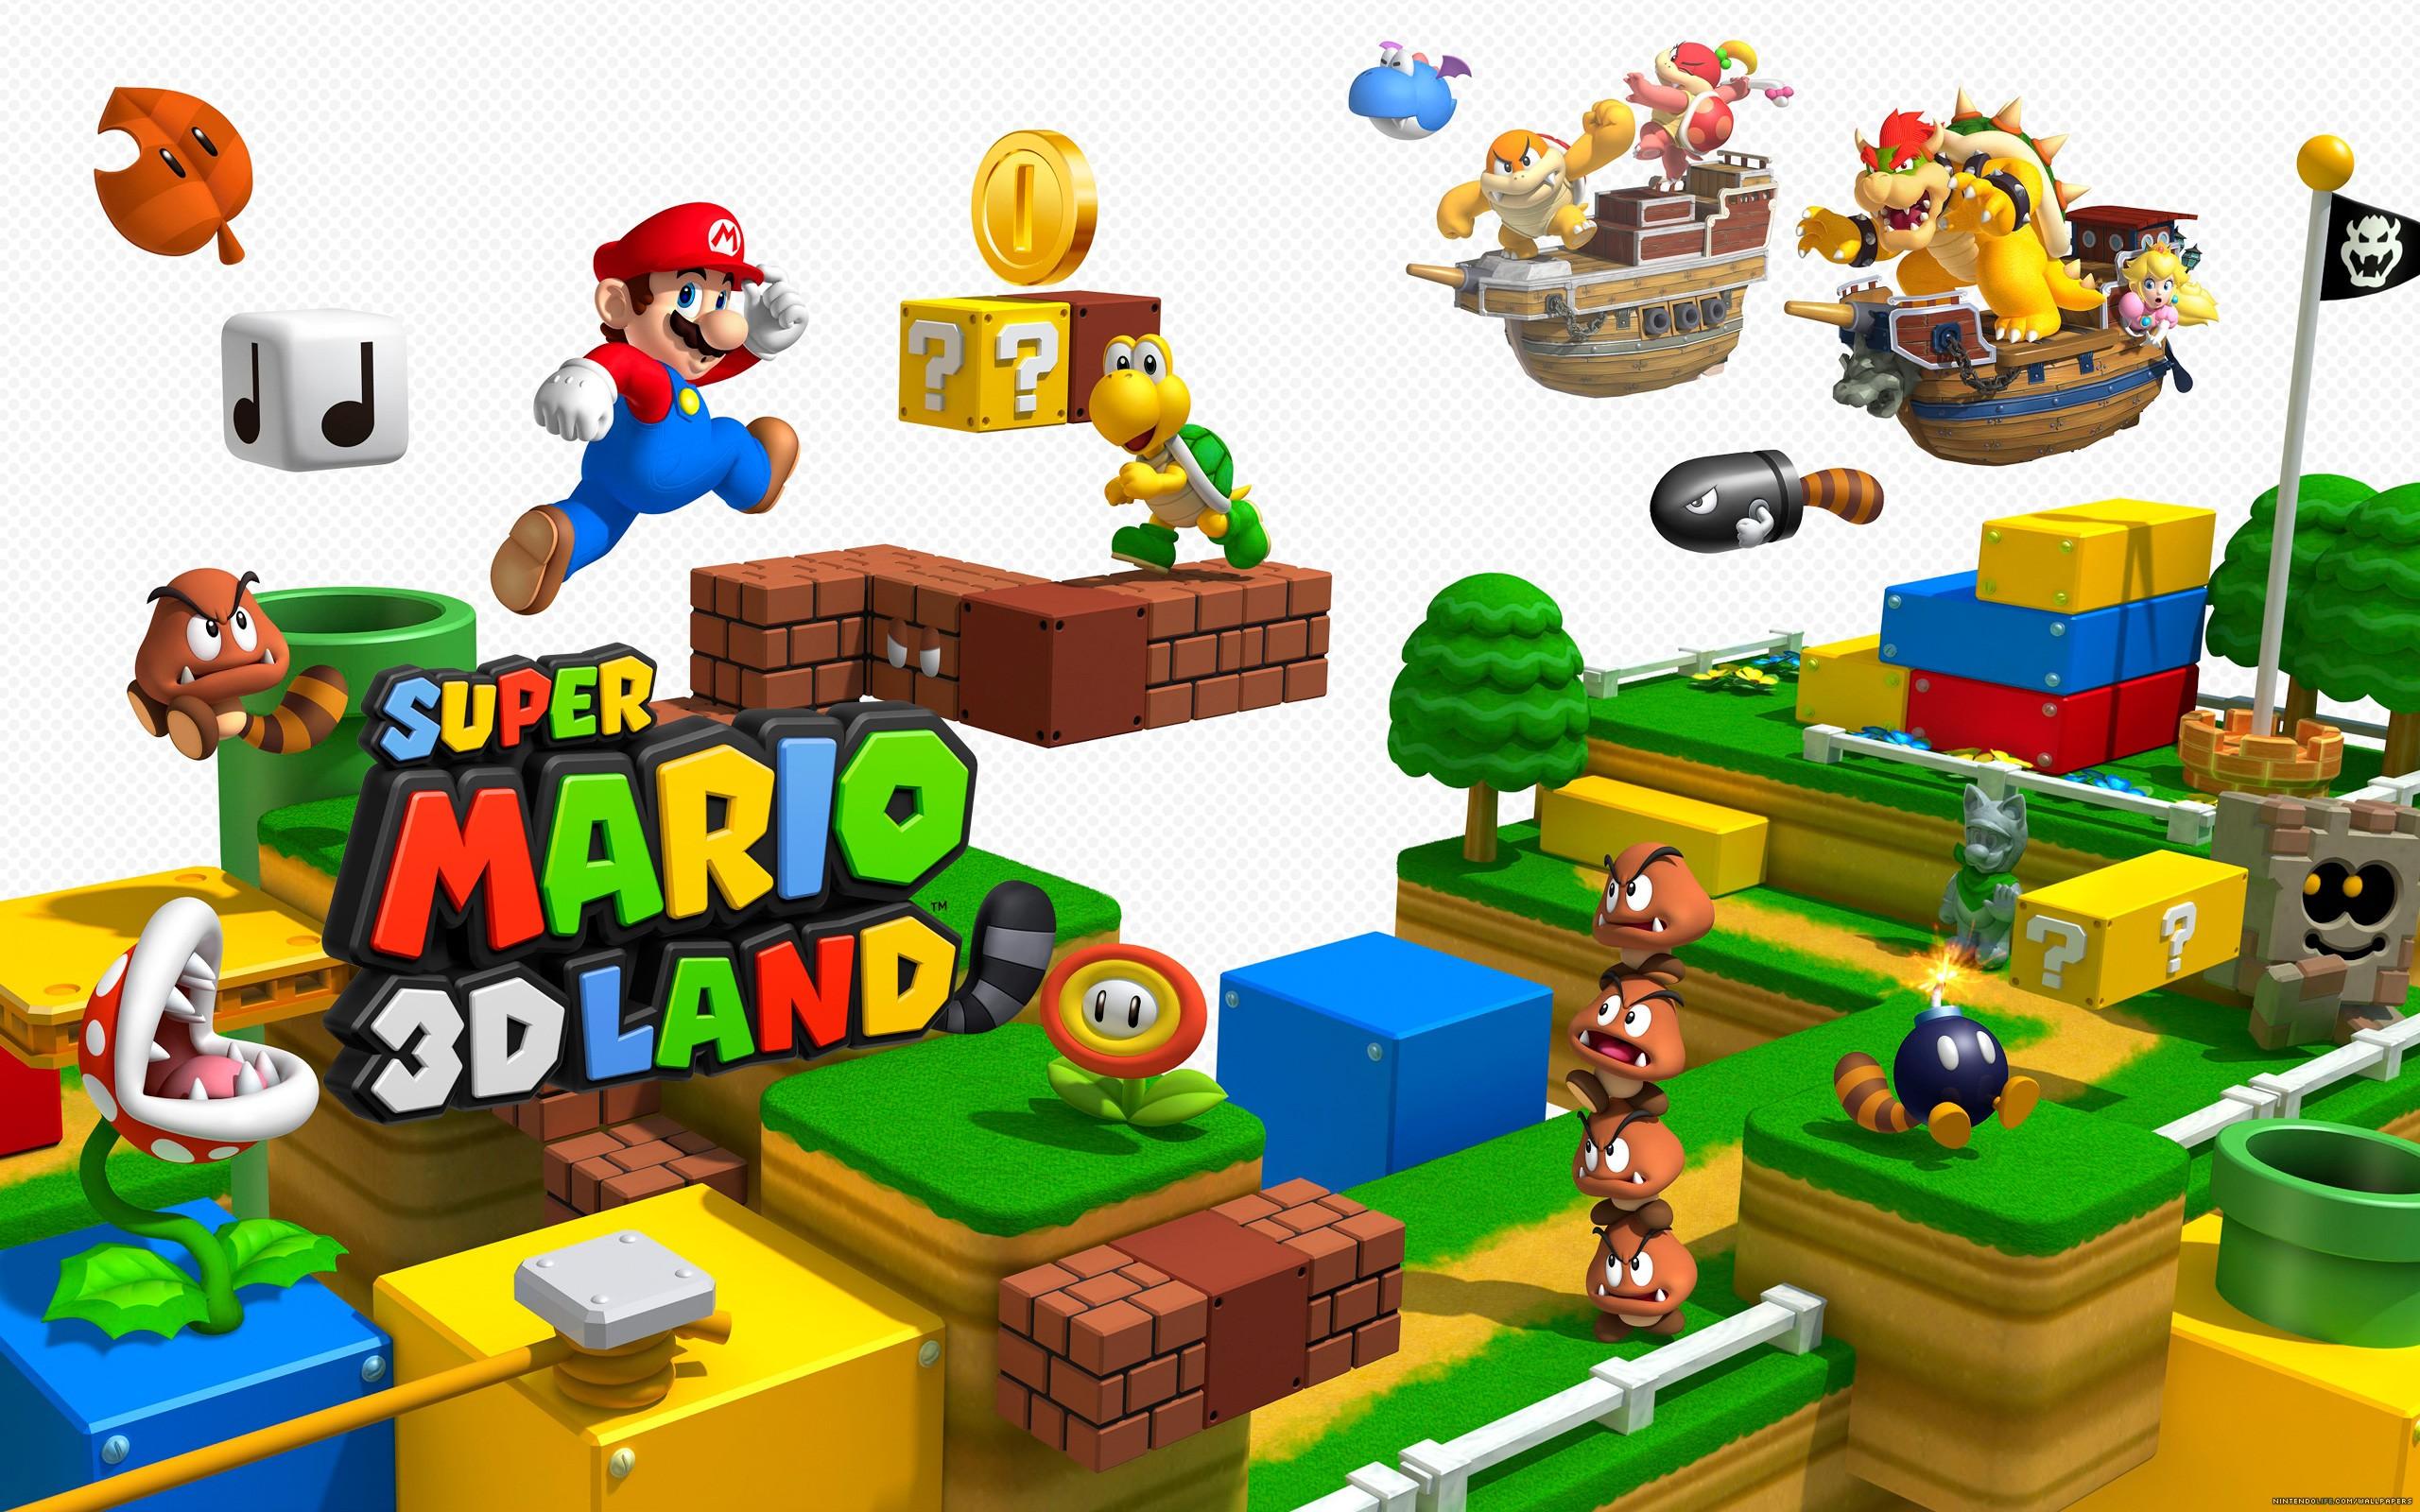 Super Mario 3D Land Fonds D'écran, Arrières-plan